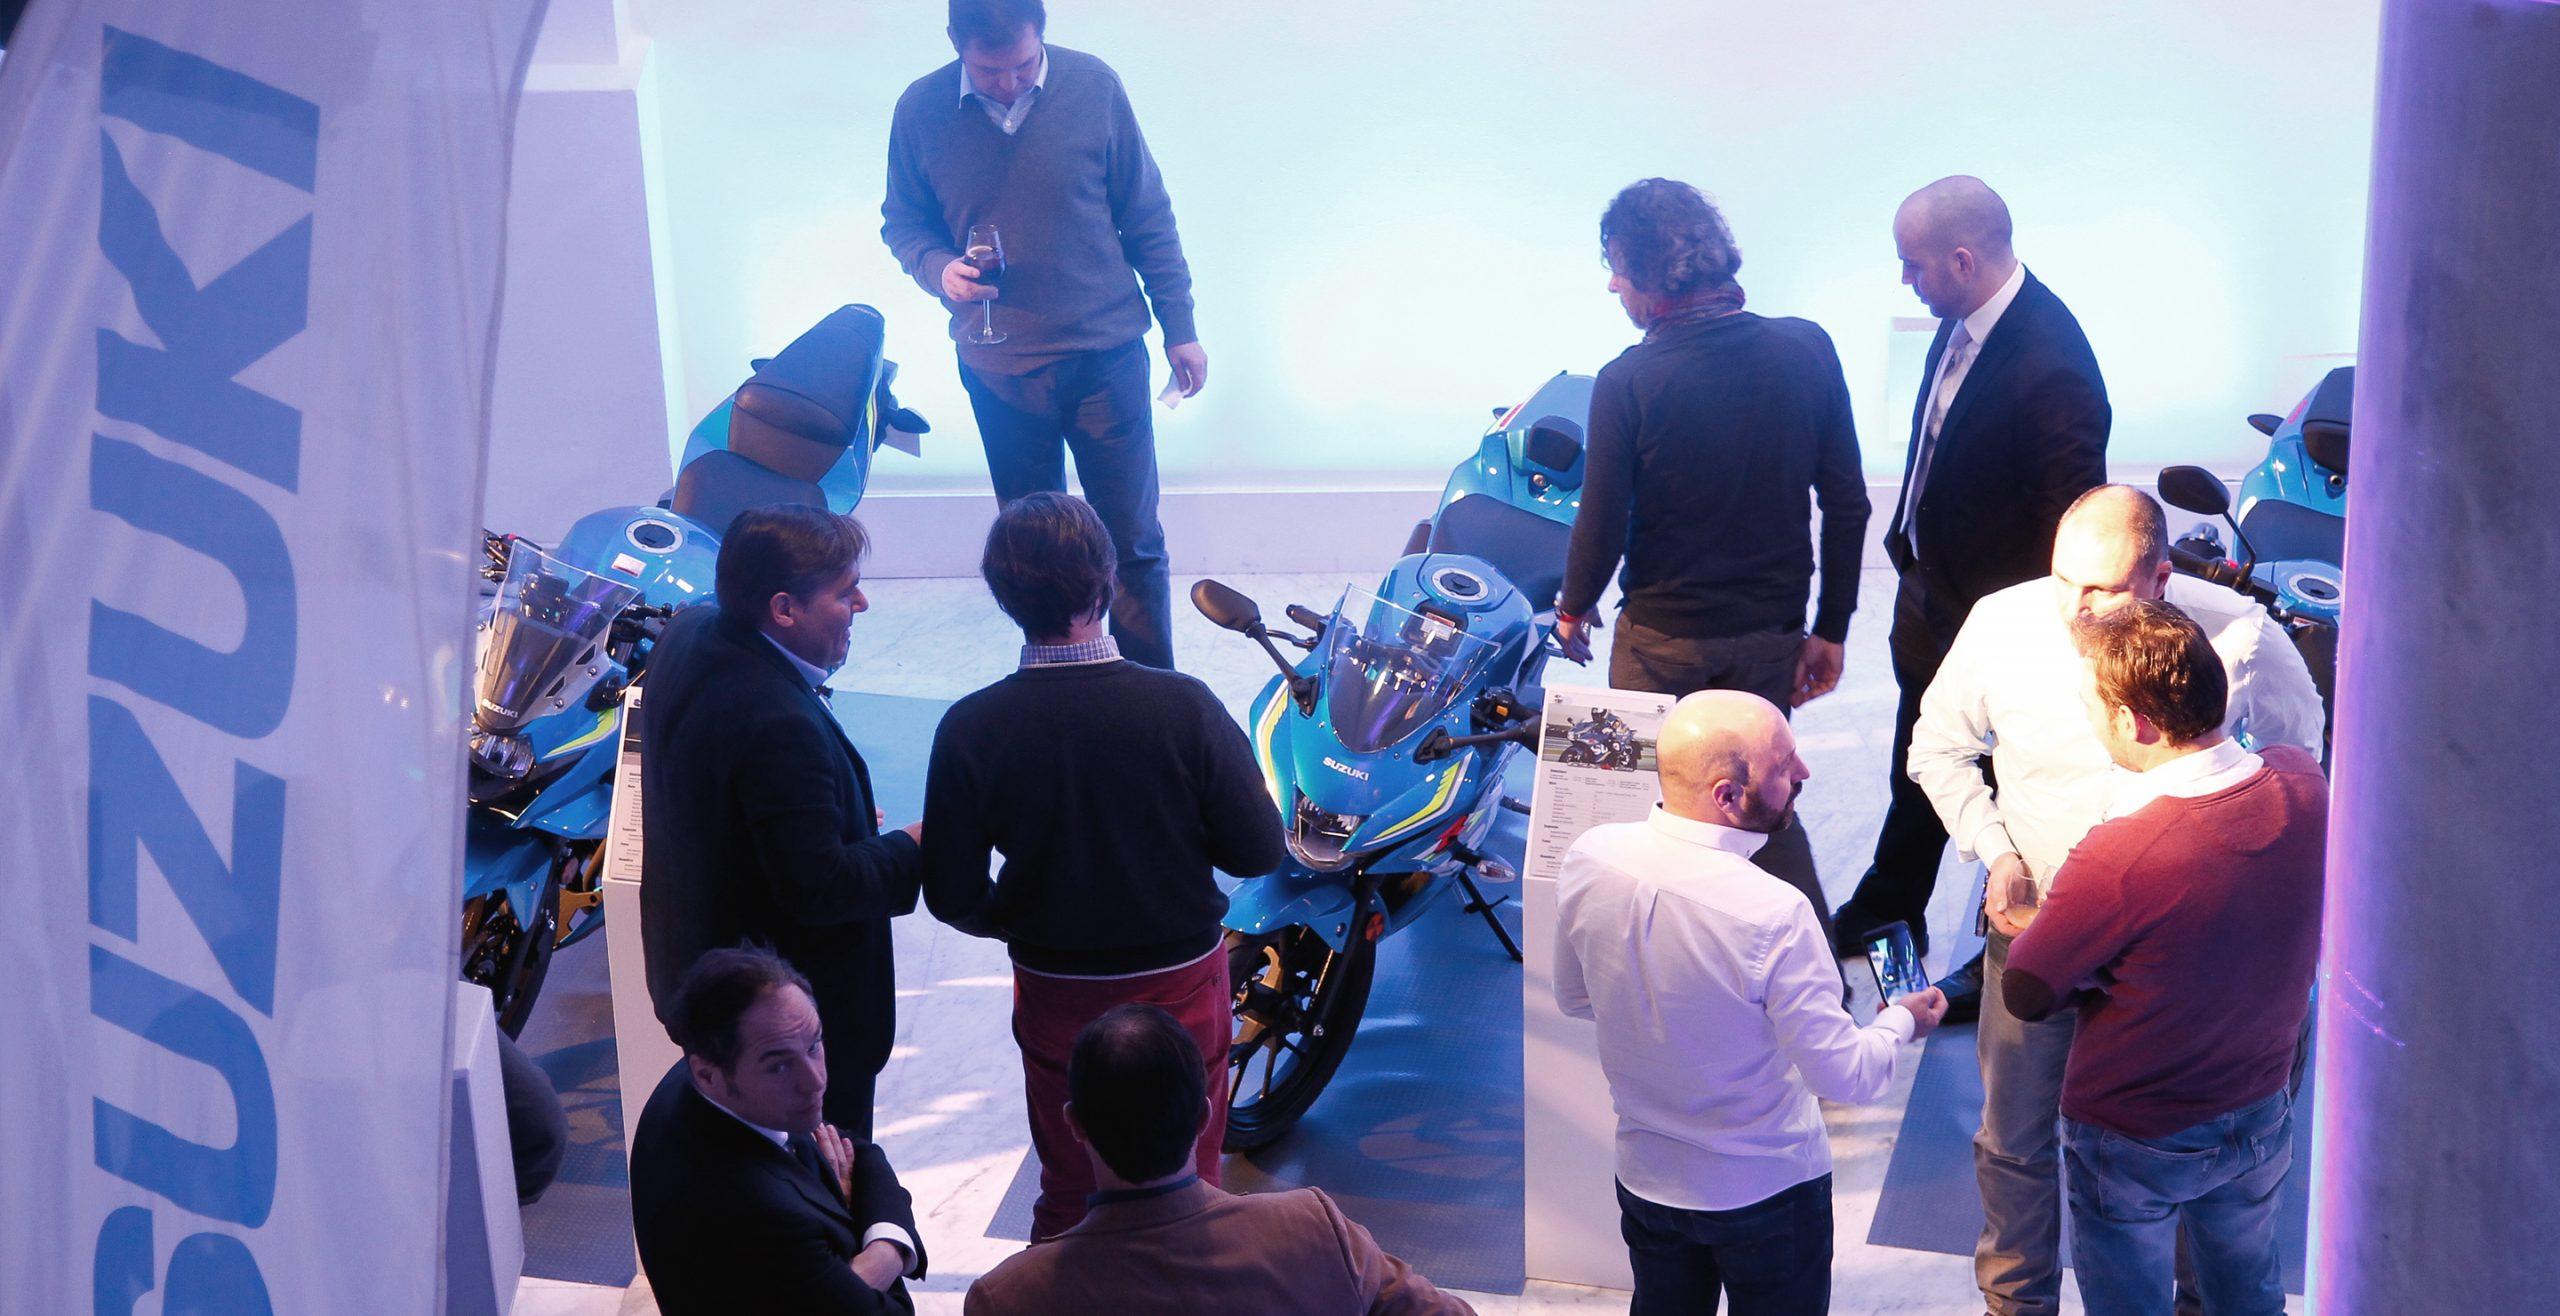 Personas hablando con moto y banderola Suzuki